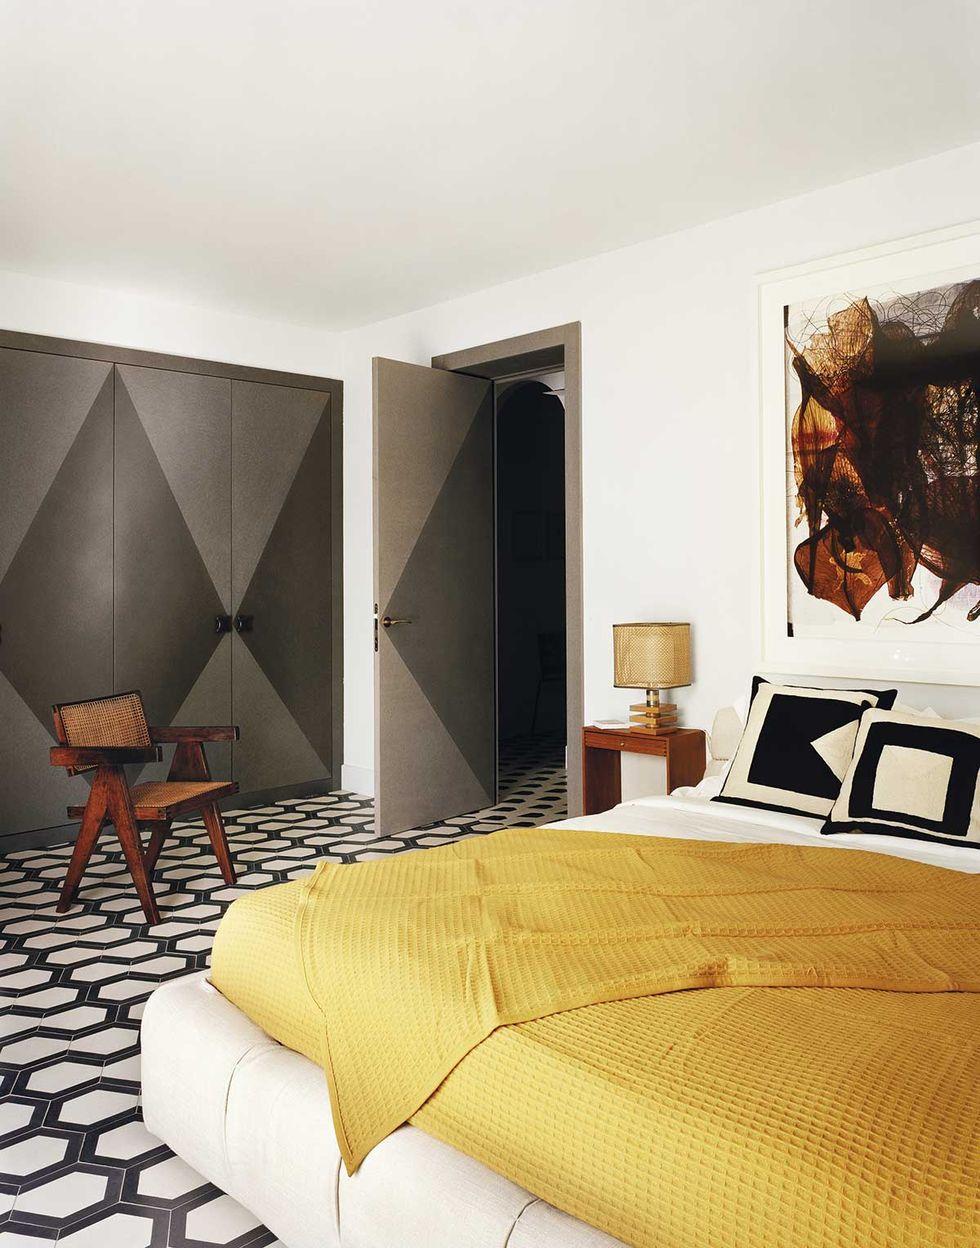 现代风格的卧室,黄色披毯